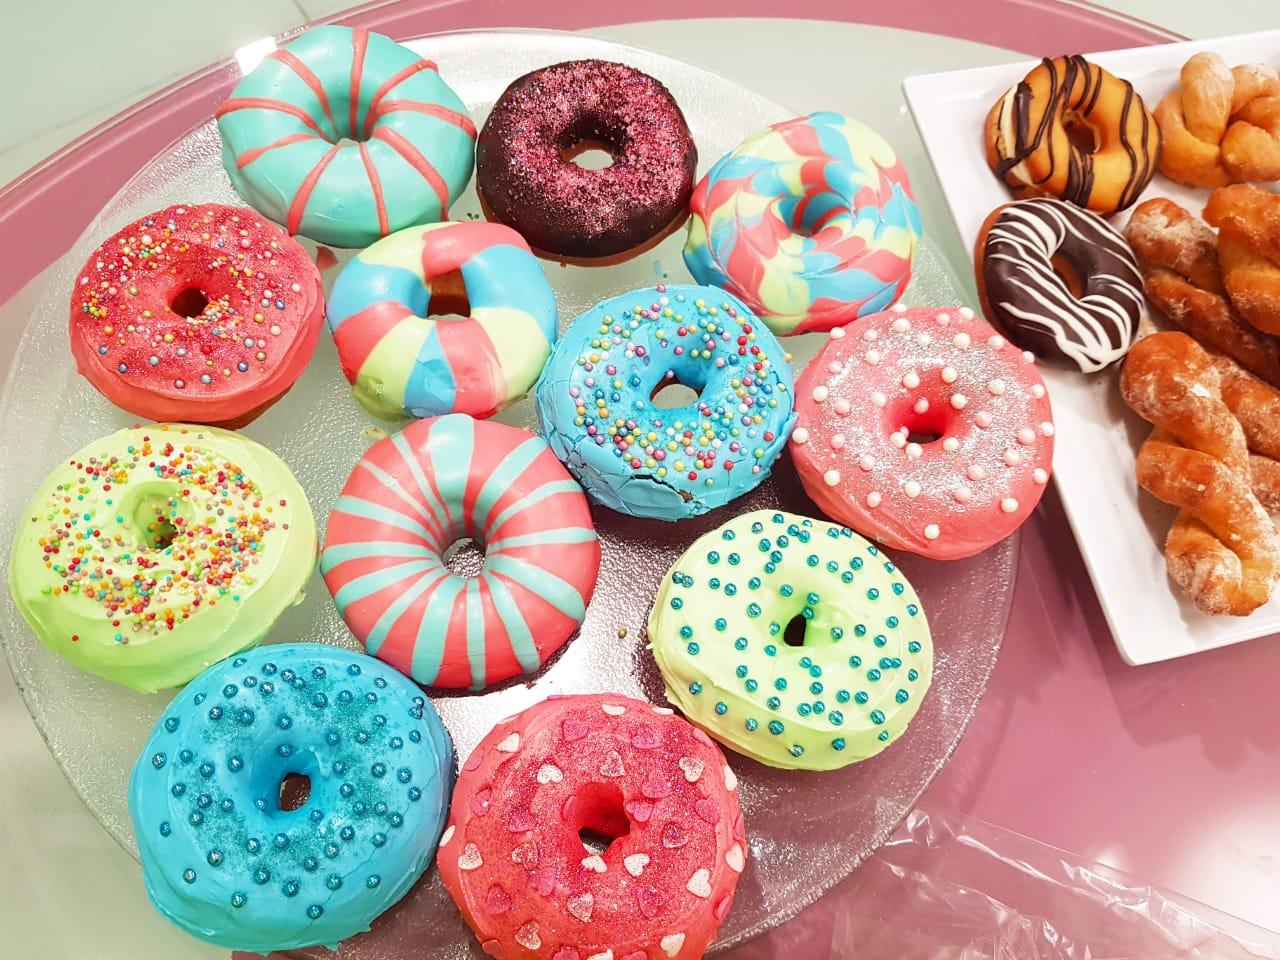 صورة صور حلويات،لاشهي الحلويات تخطف الانظار